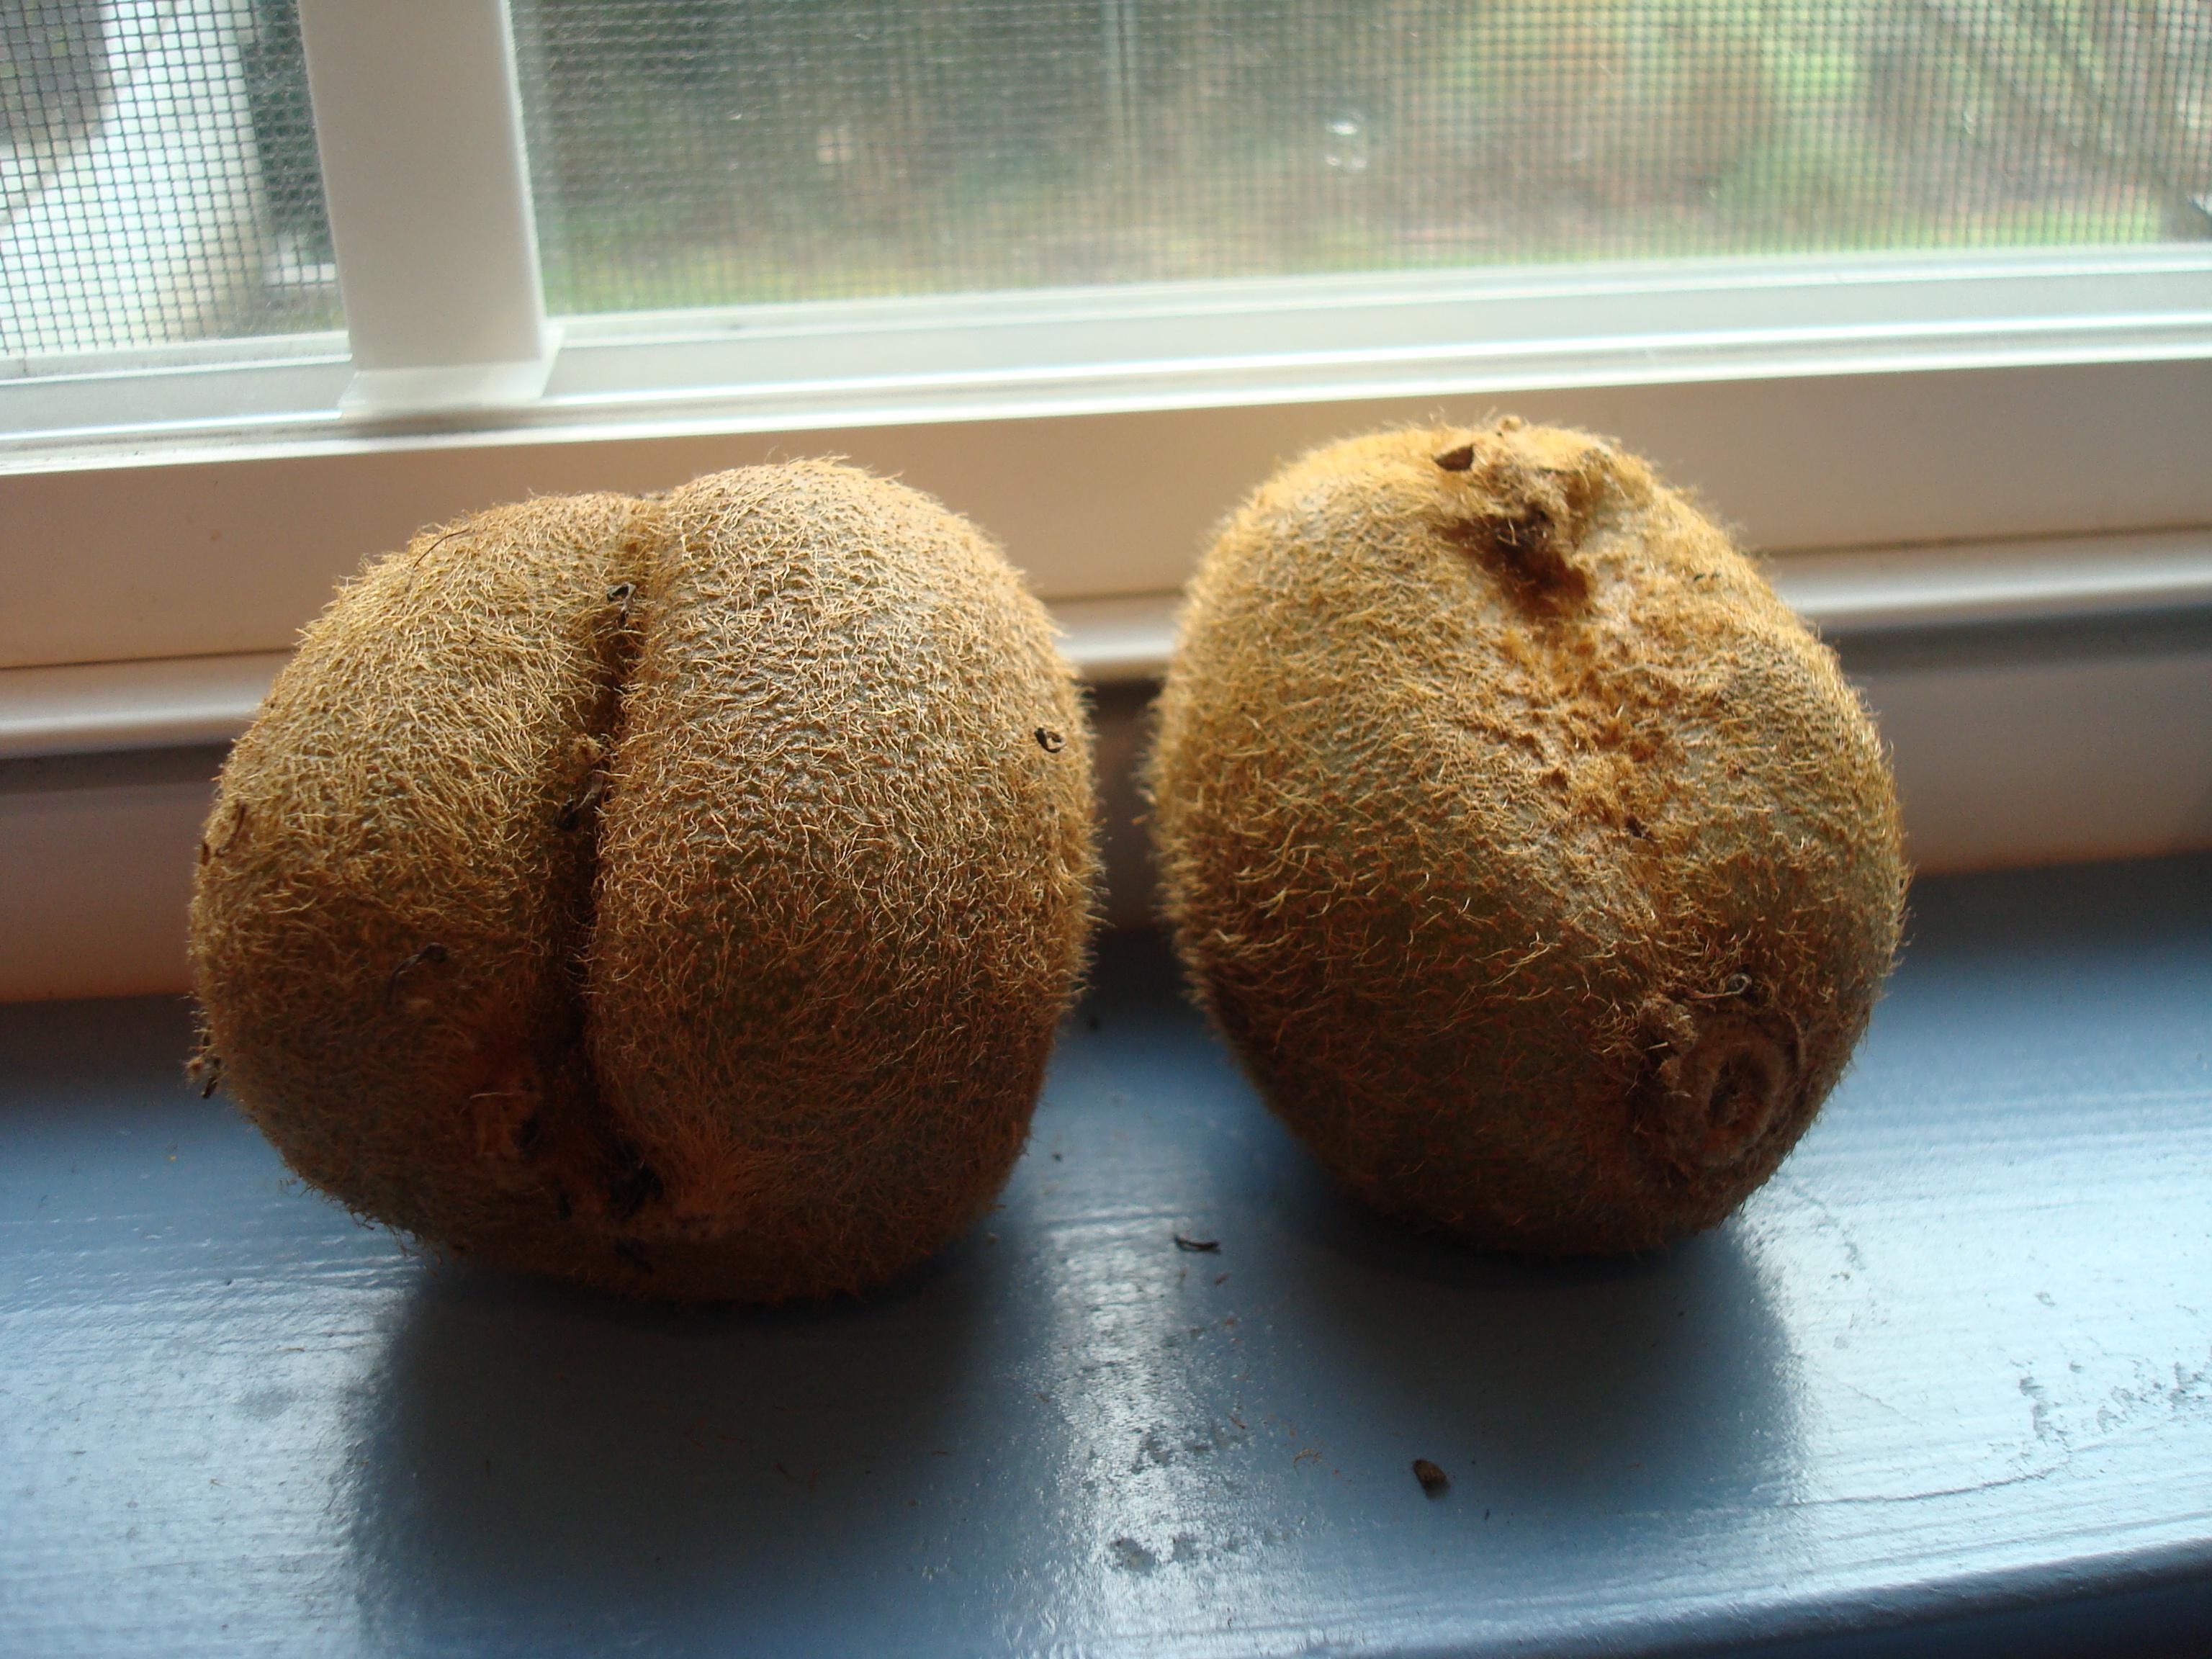 Hairy kiwi butt: ...